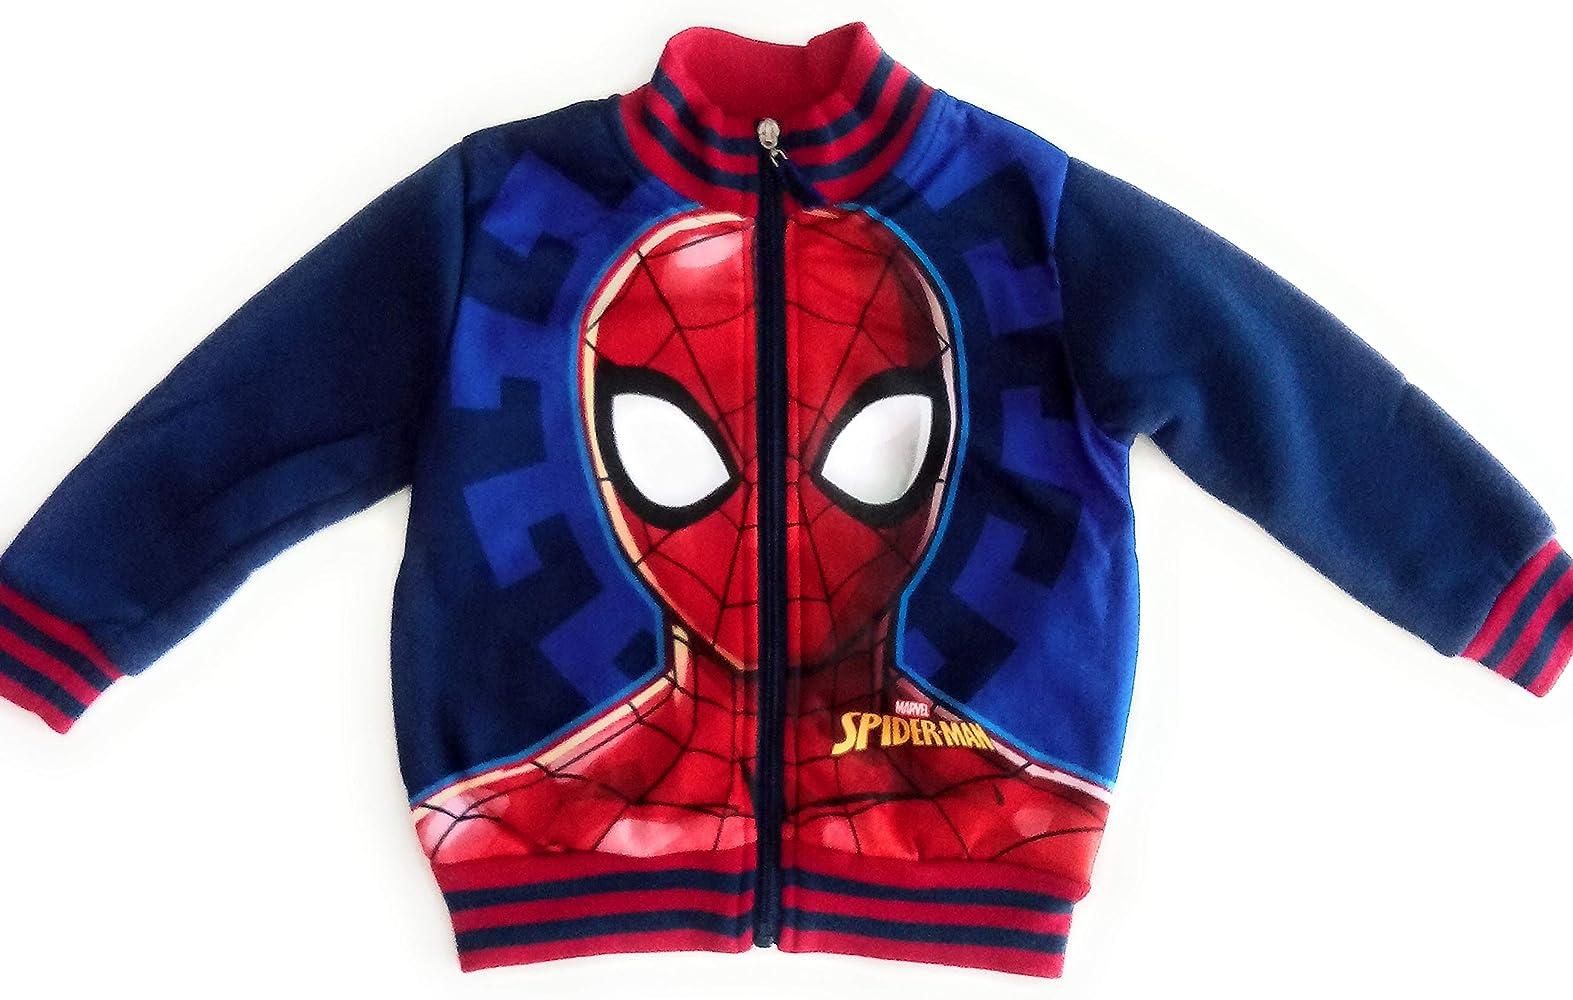 Chandal Spiderman Marvel Azul Marino: Amazon.es: Ropa y accesorios